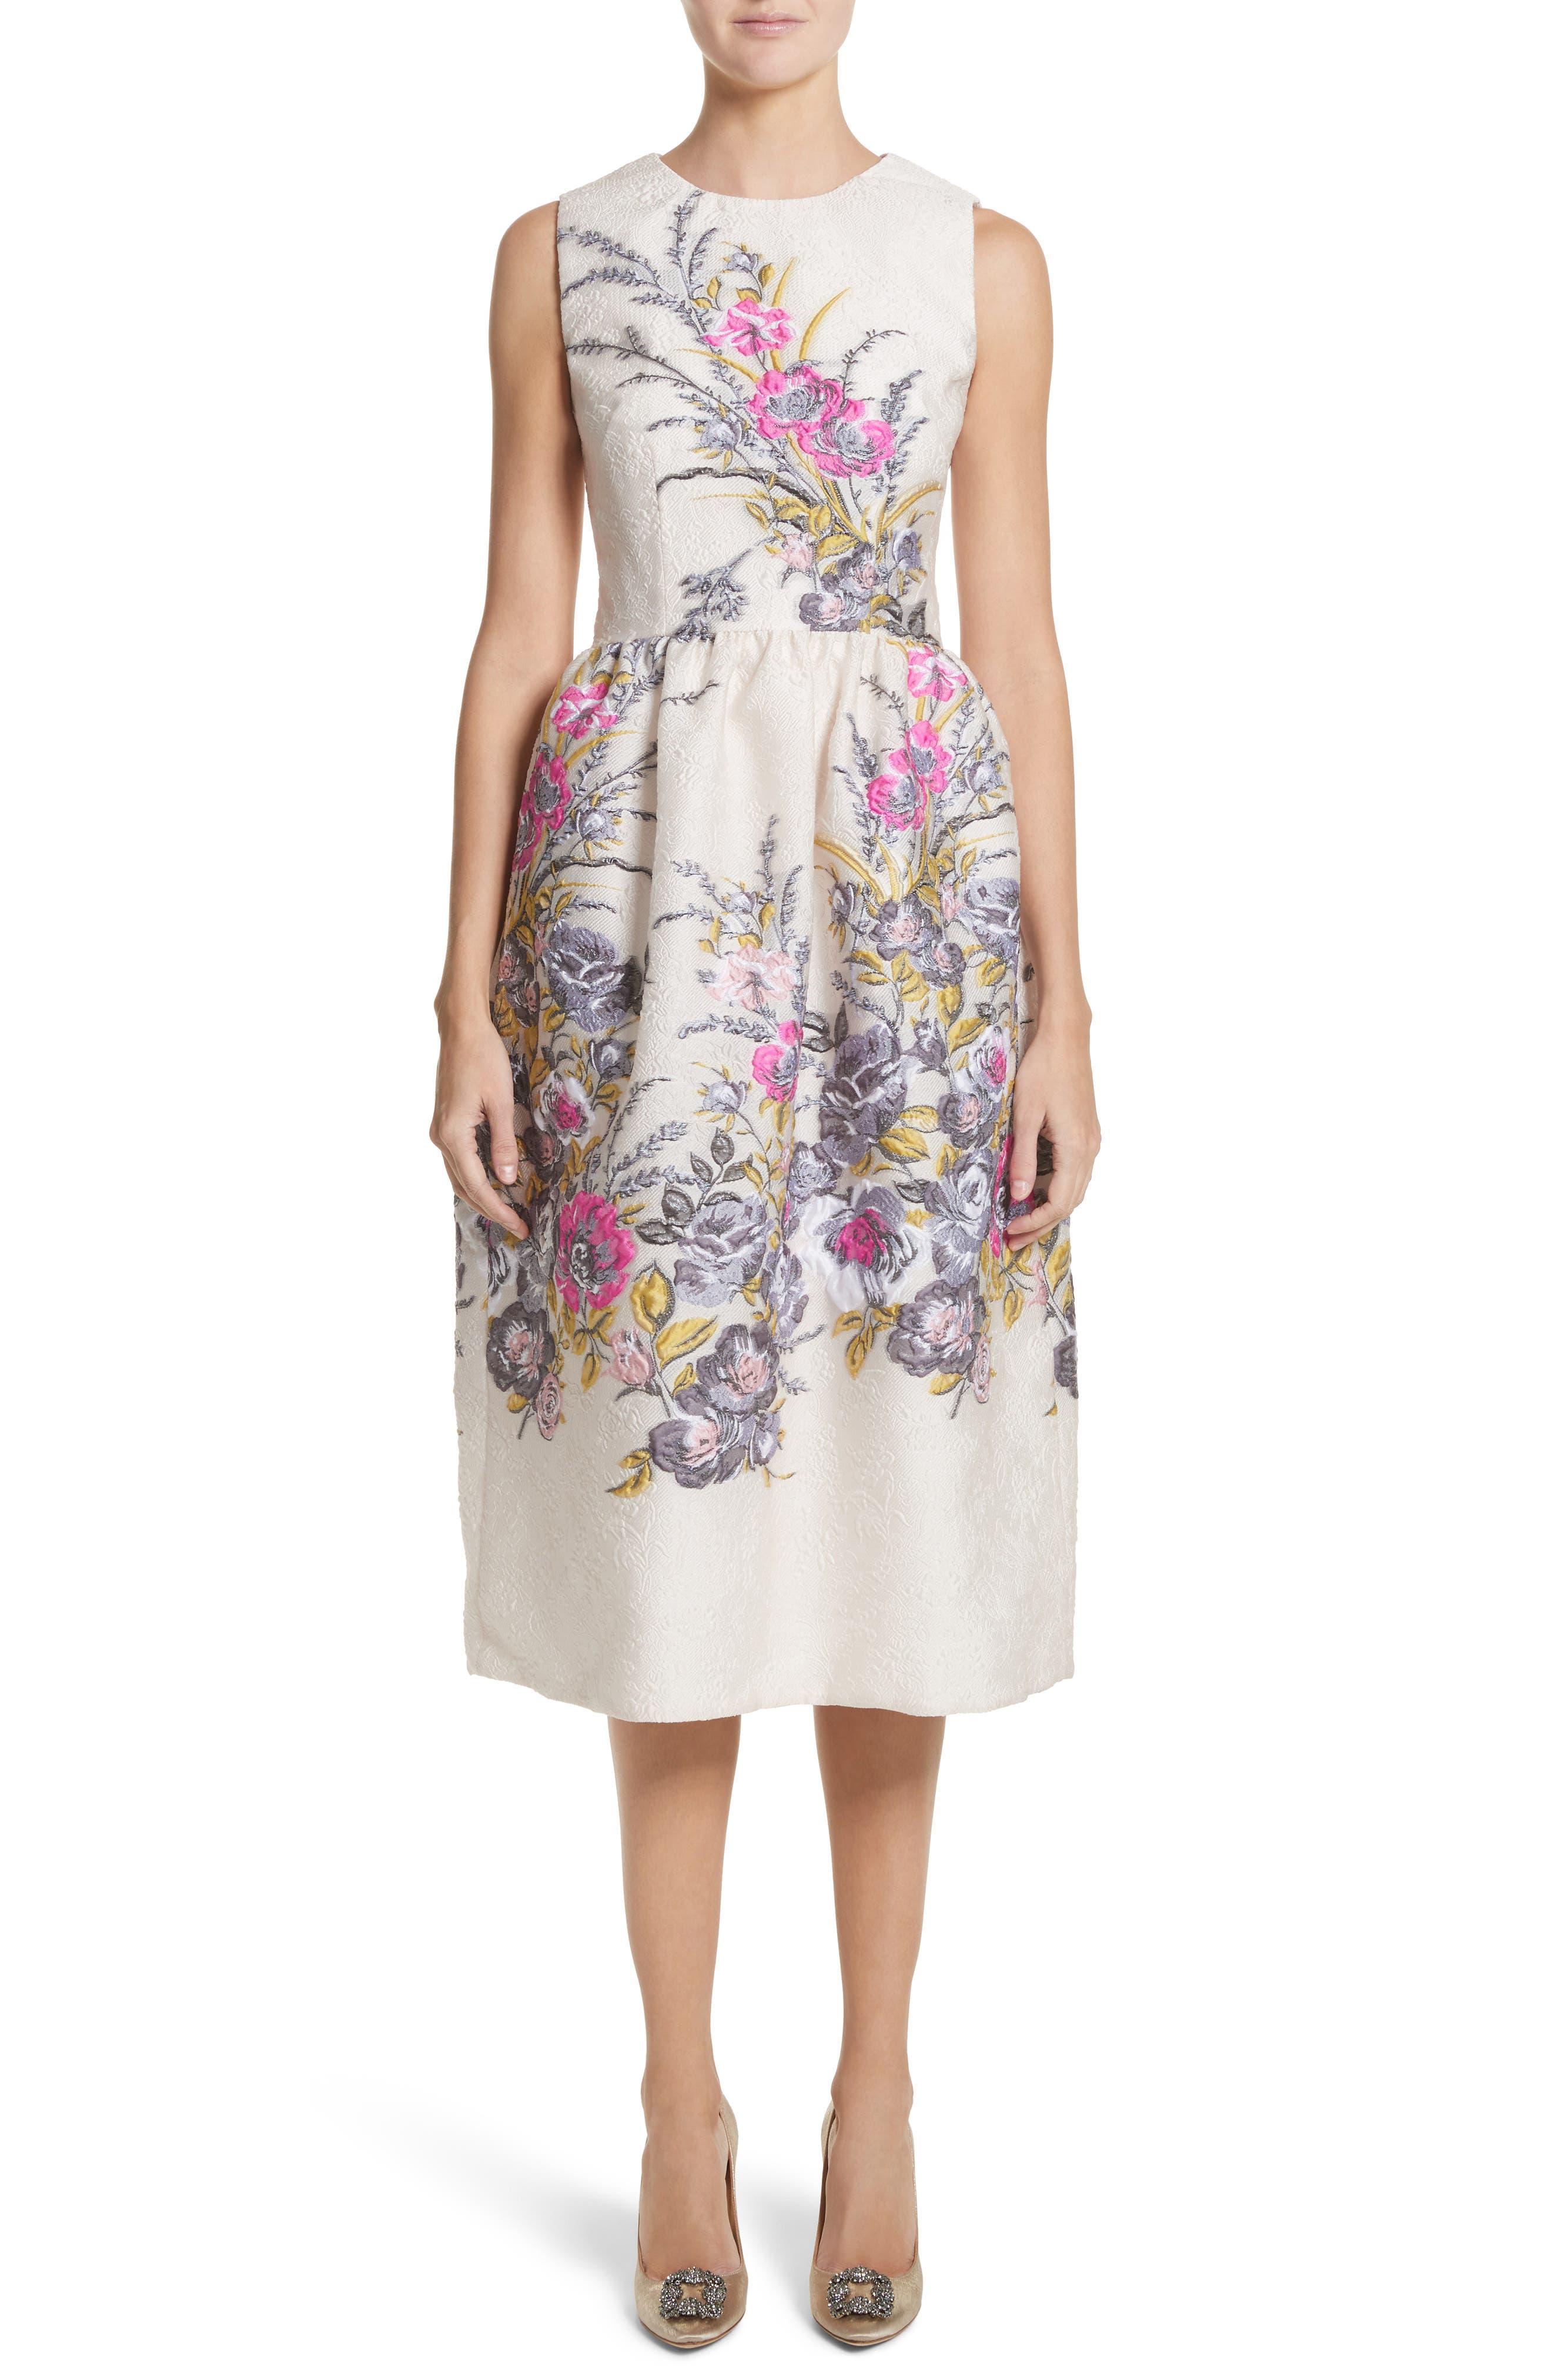 Malene Oddershede Bach Floral Embroidered Jacquard Dress